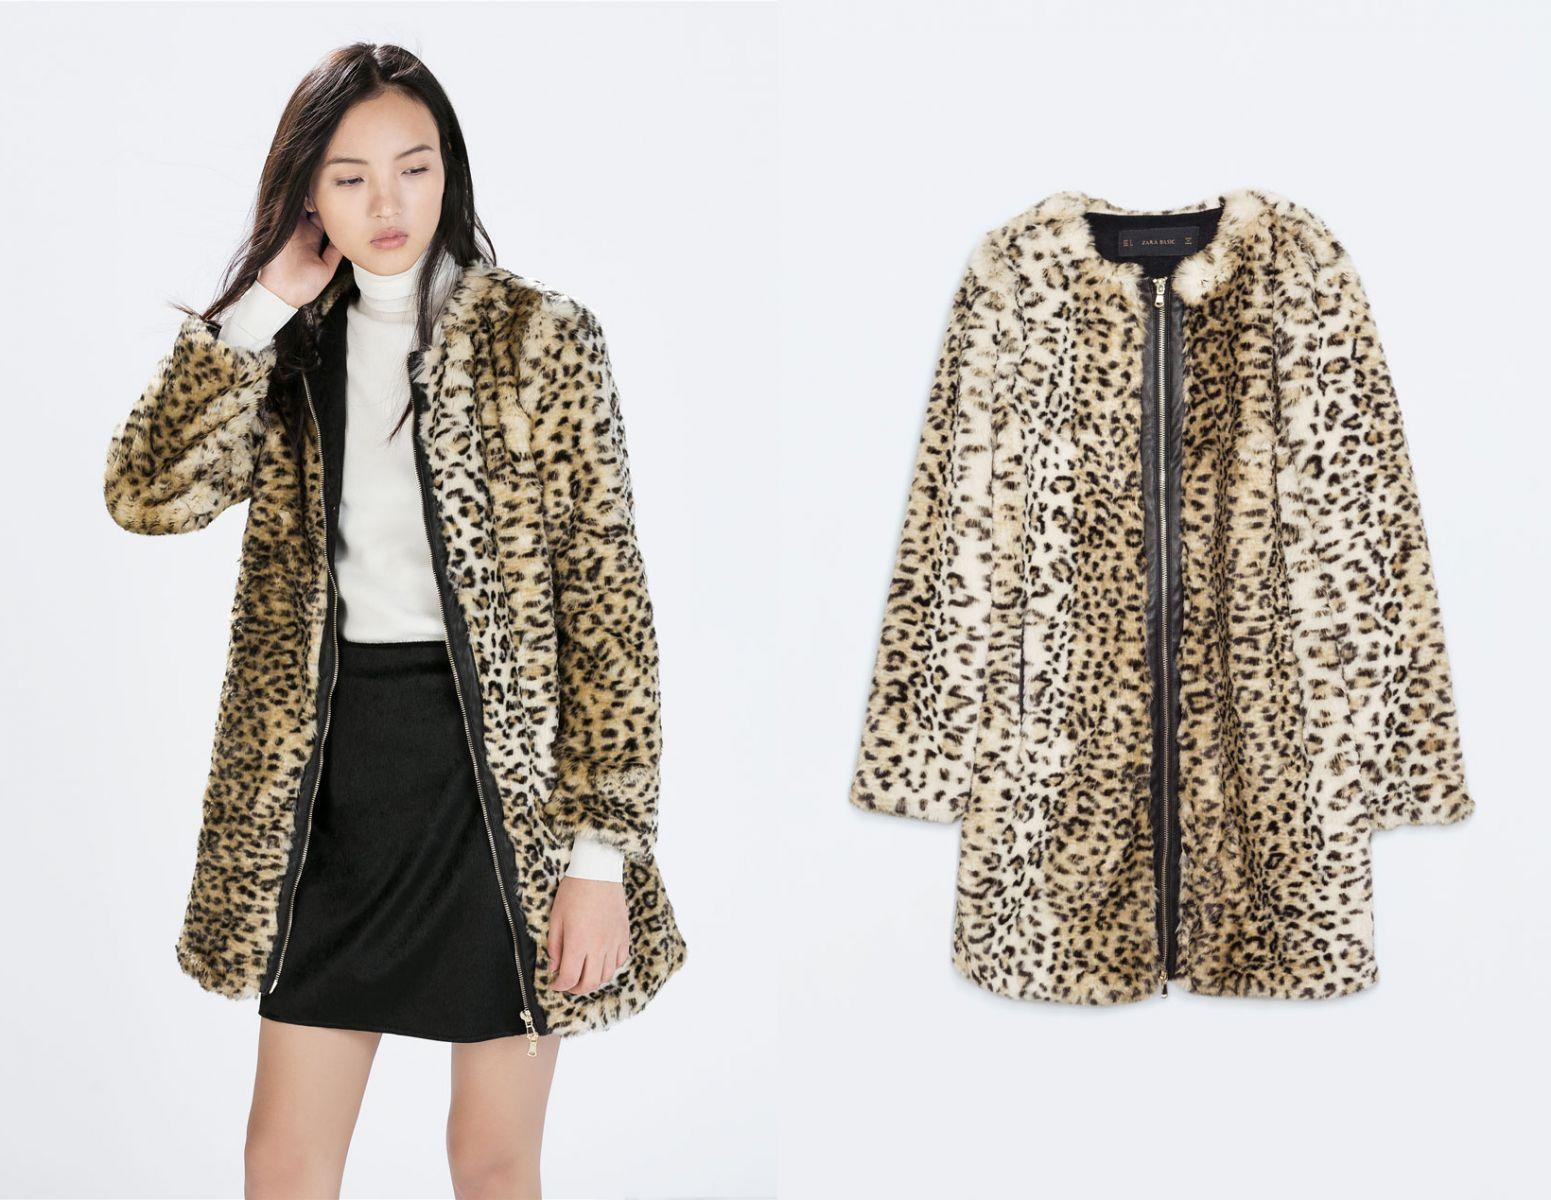 Пальто с леопардовым принтом Céline - фото №2